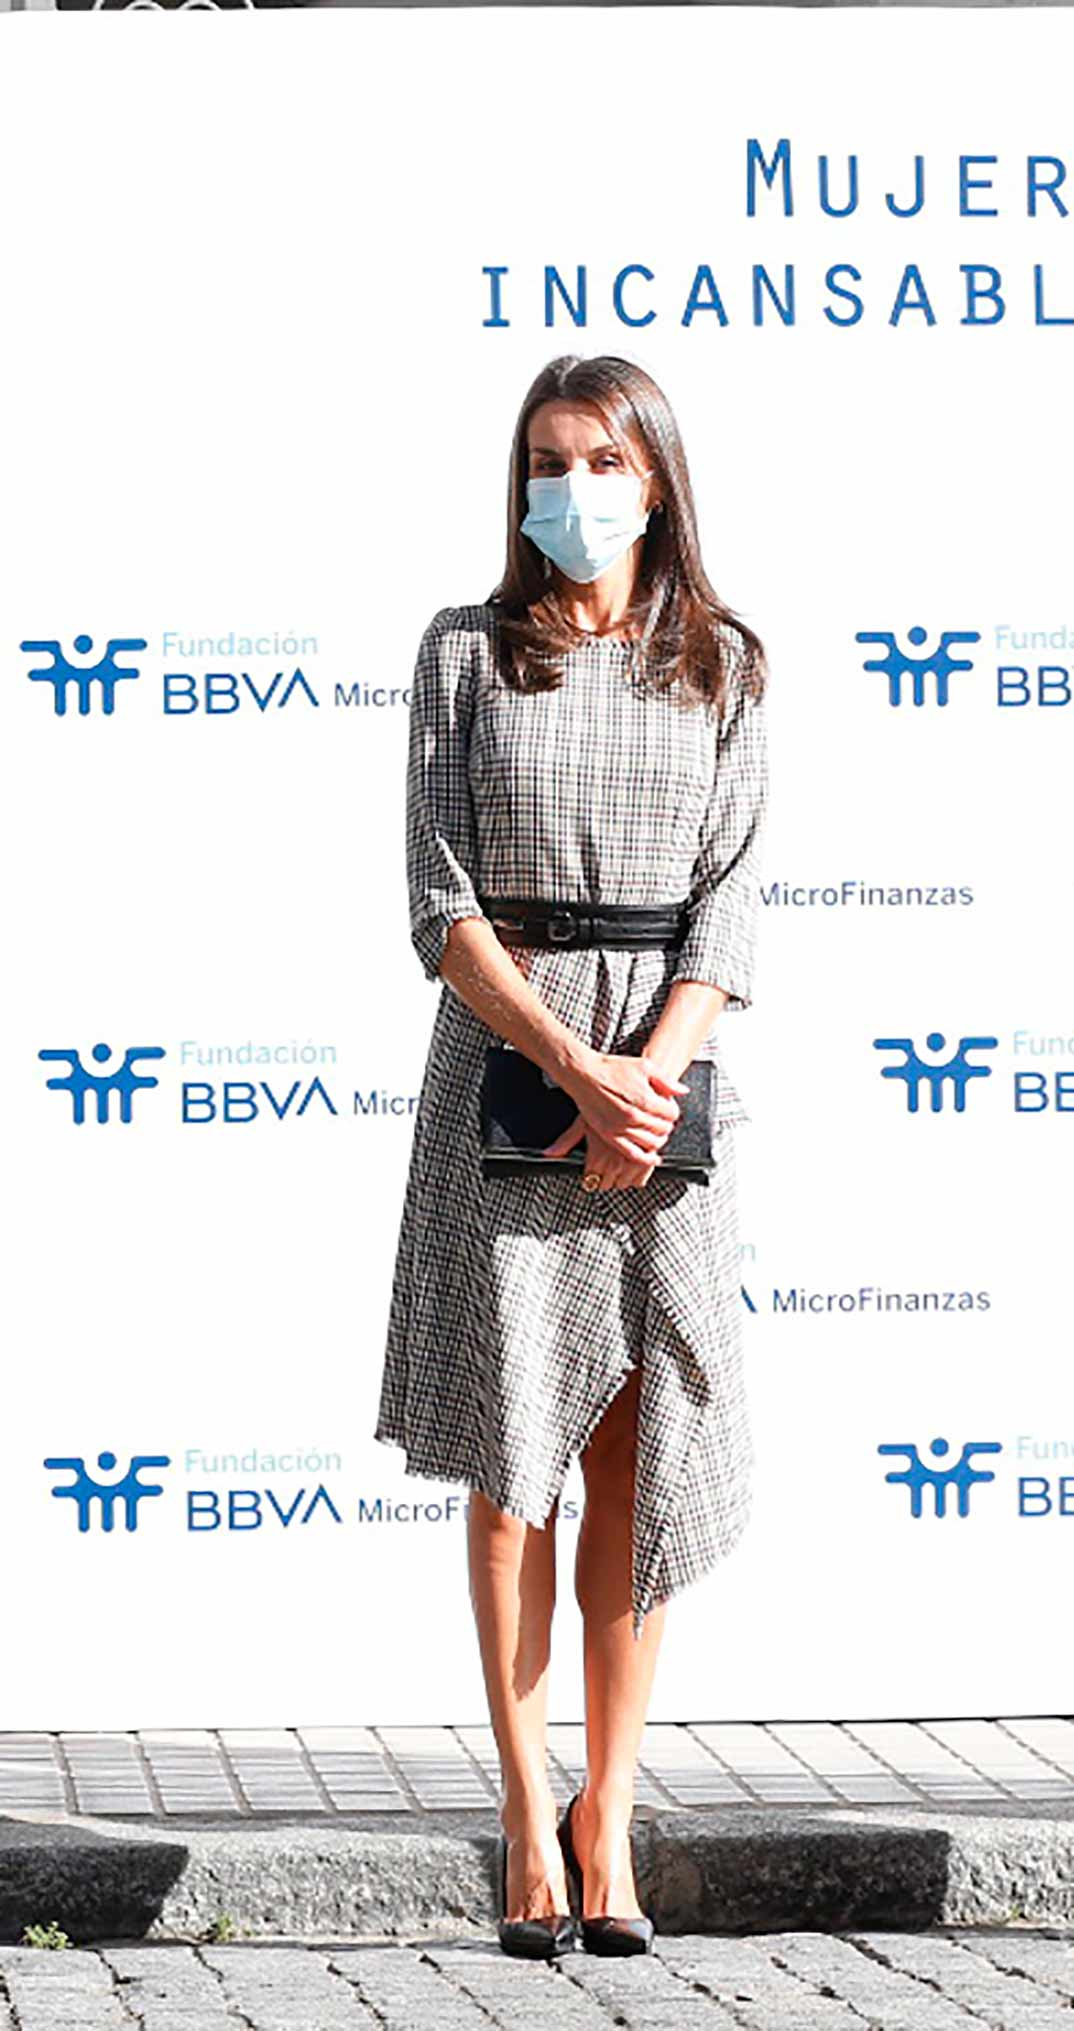 Reina Letizia - Fundación Microfinanzas del BBVA © Casa S.M. El Rey